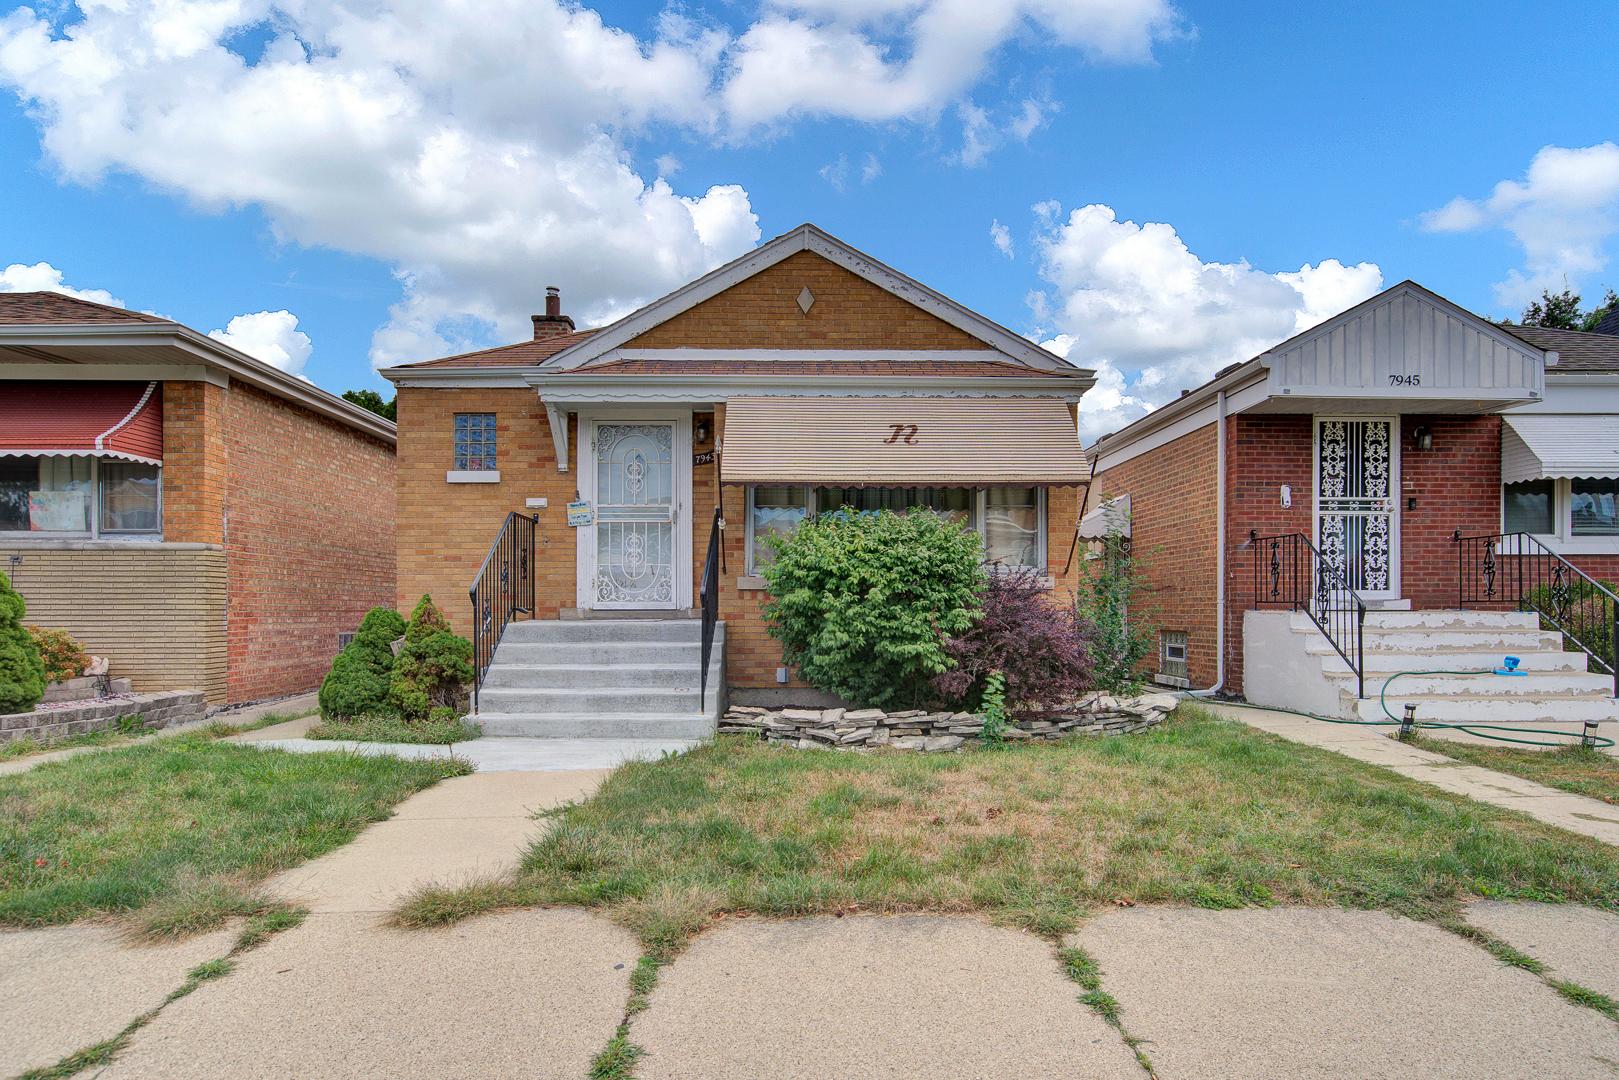 7943 S Francisco Avenue, Chicago IL 60652